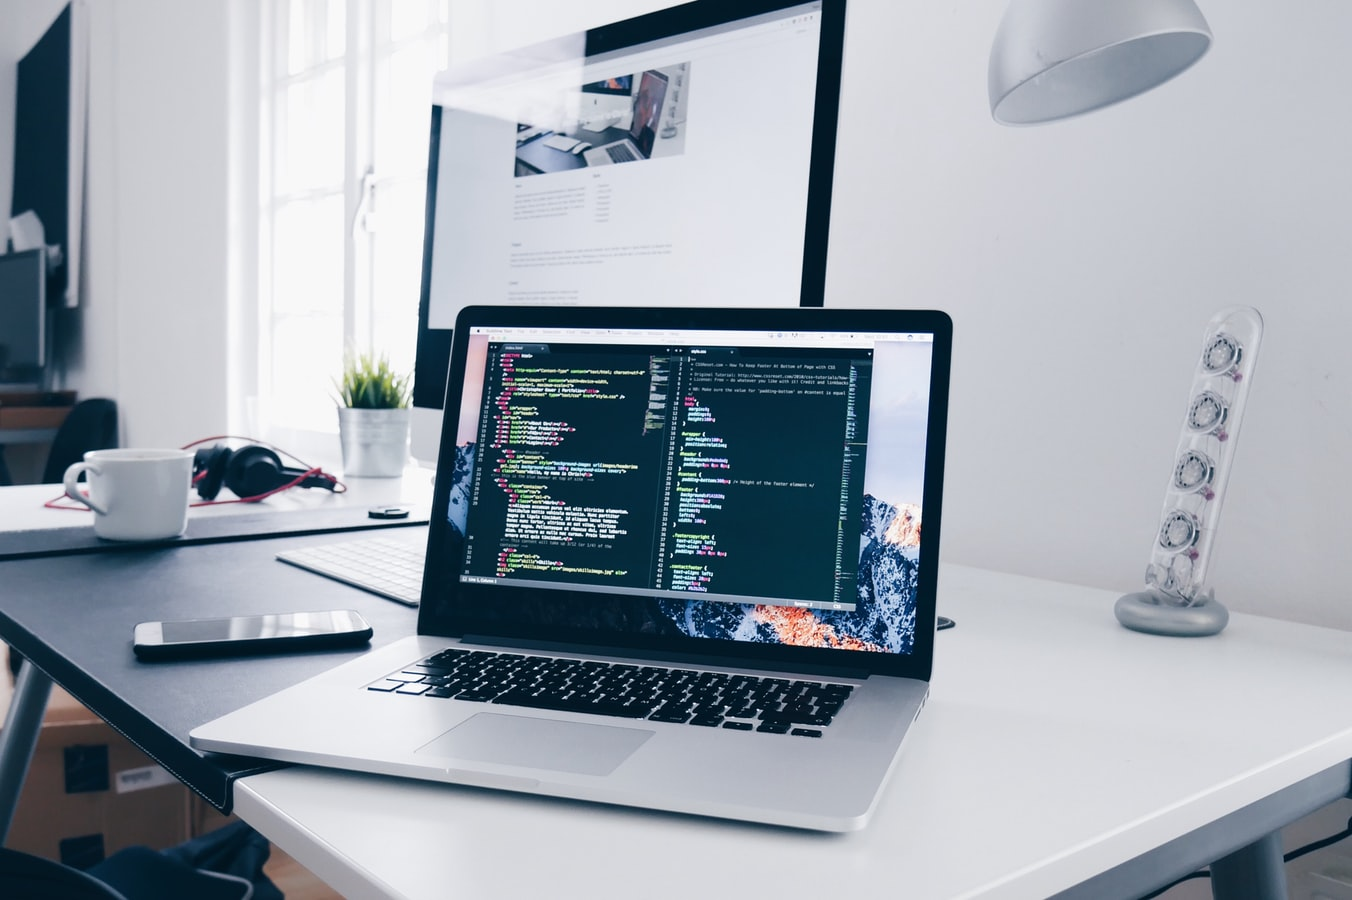 Le réseau informatique et ses avantages